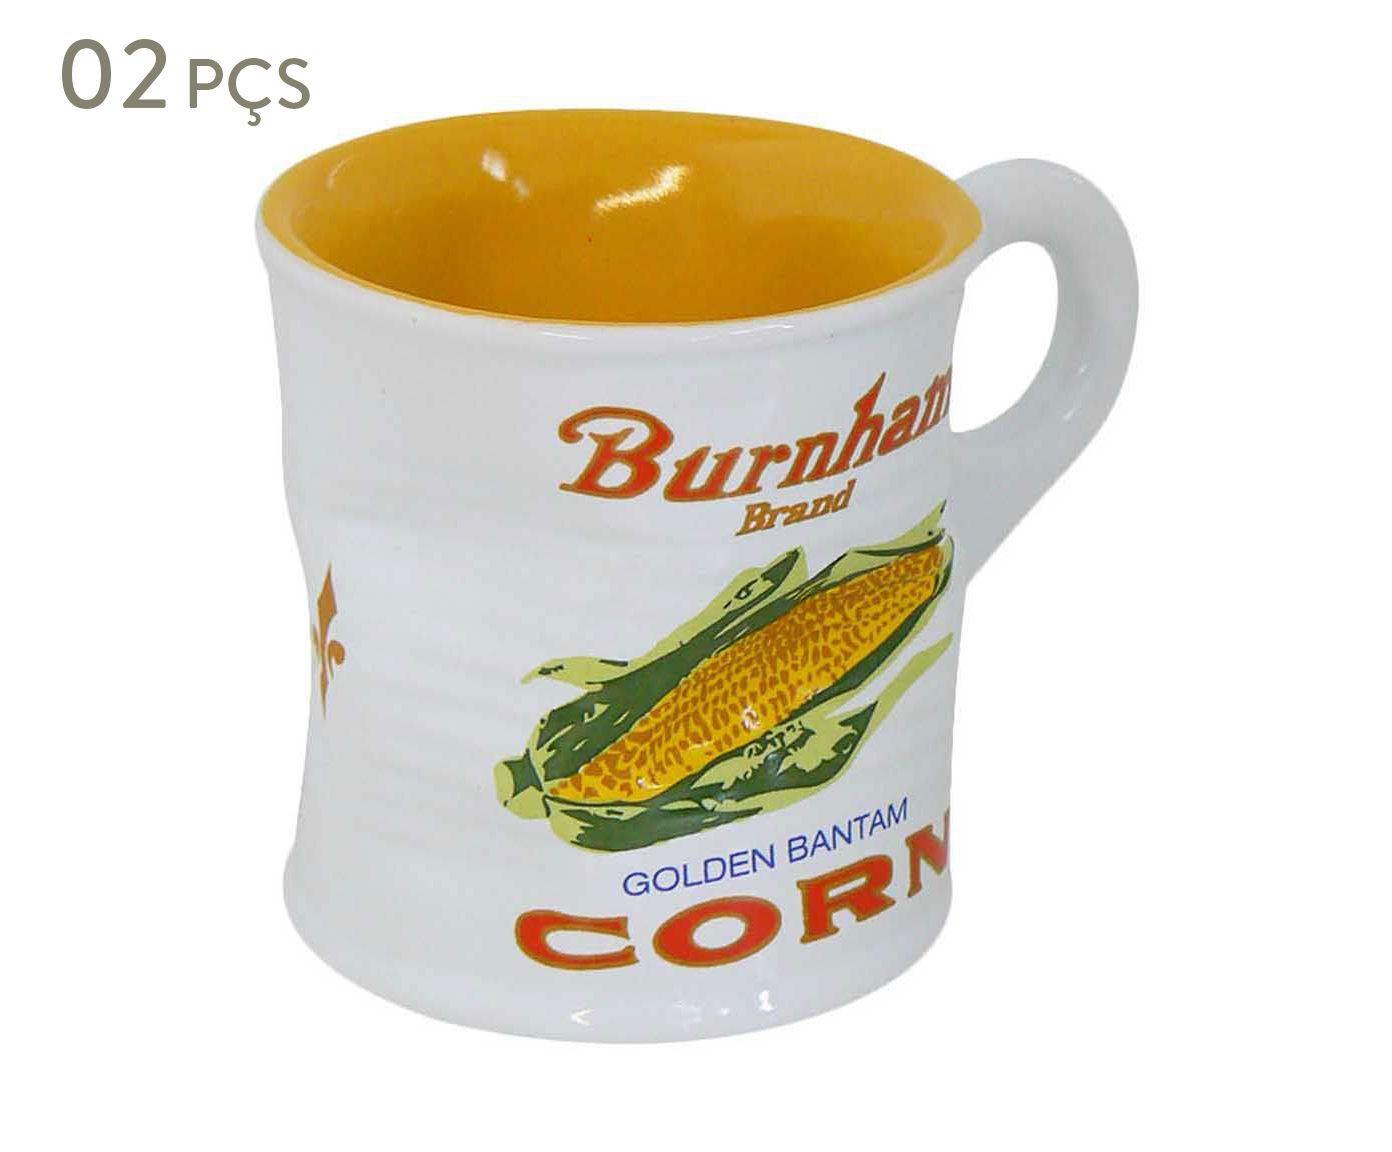 Conjunto de Xícaras para café mashed burnham - 70 ml   Westwing.com.br